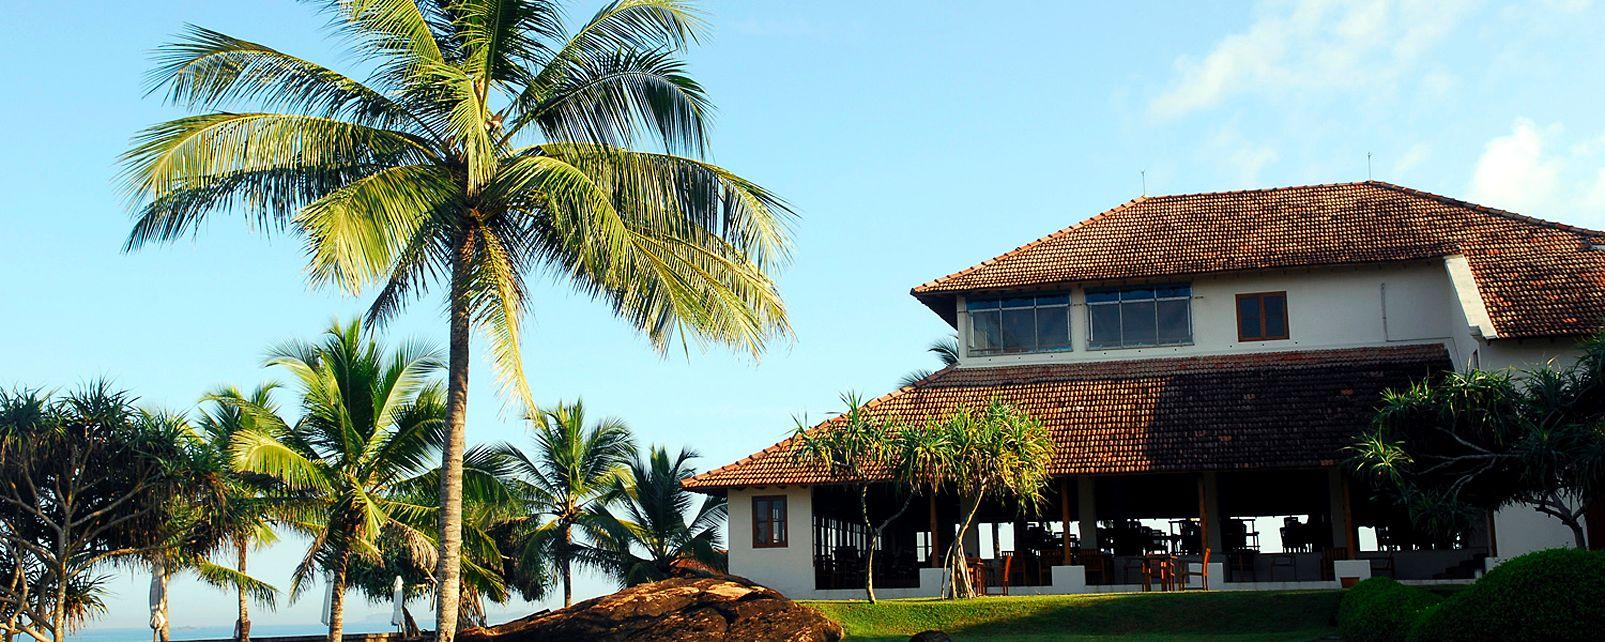 Hôtel Saman villas